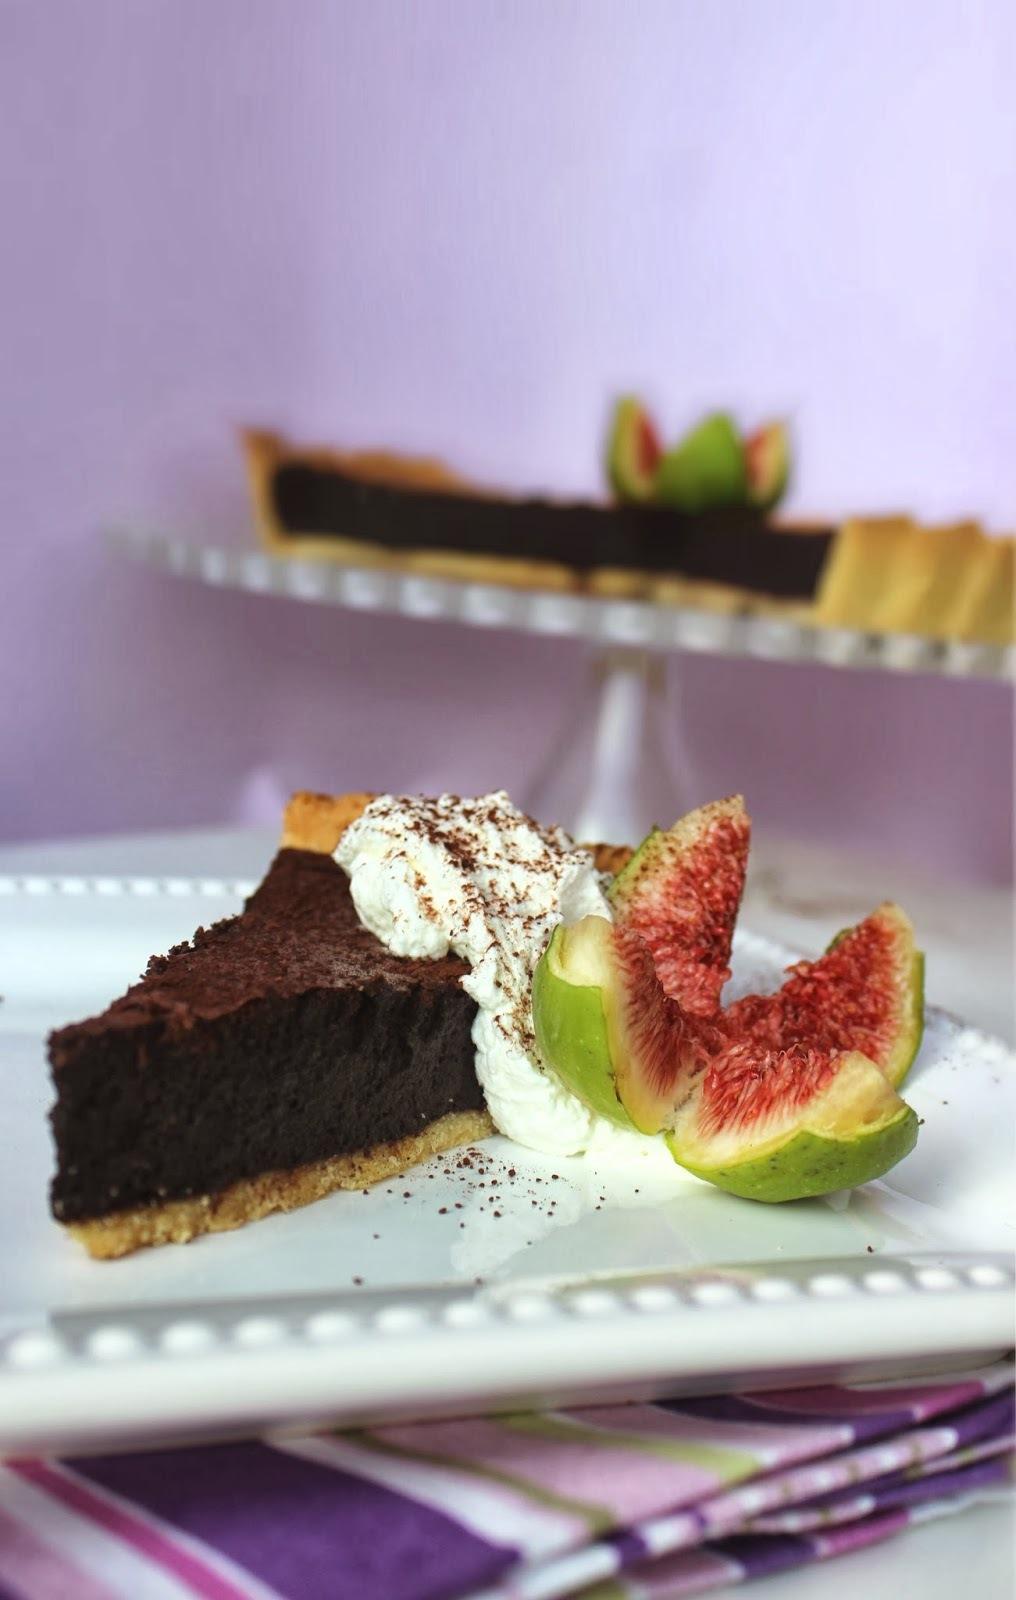 Čokoladni tart / Baked Chocolate Tart